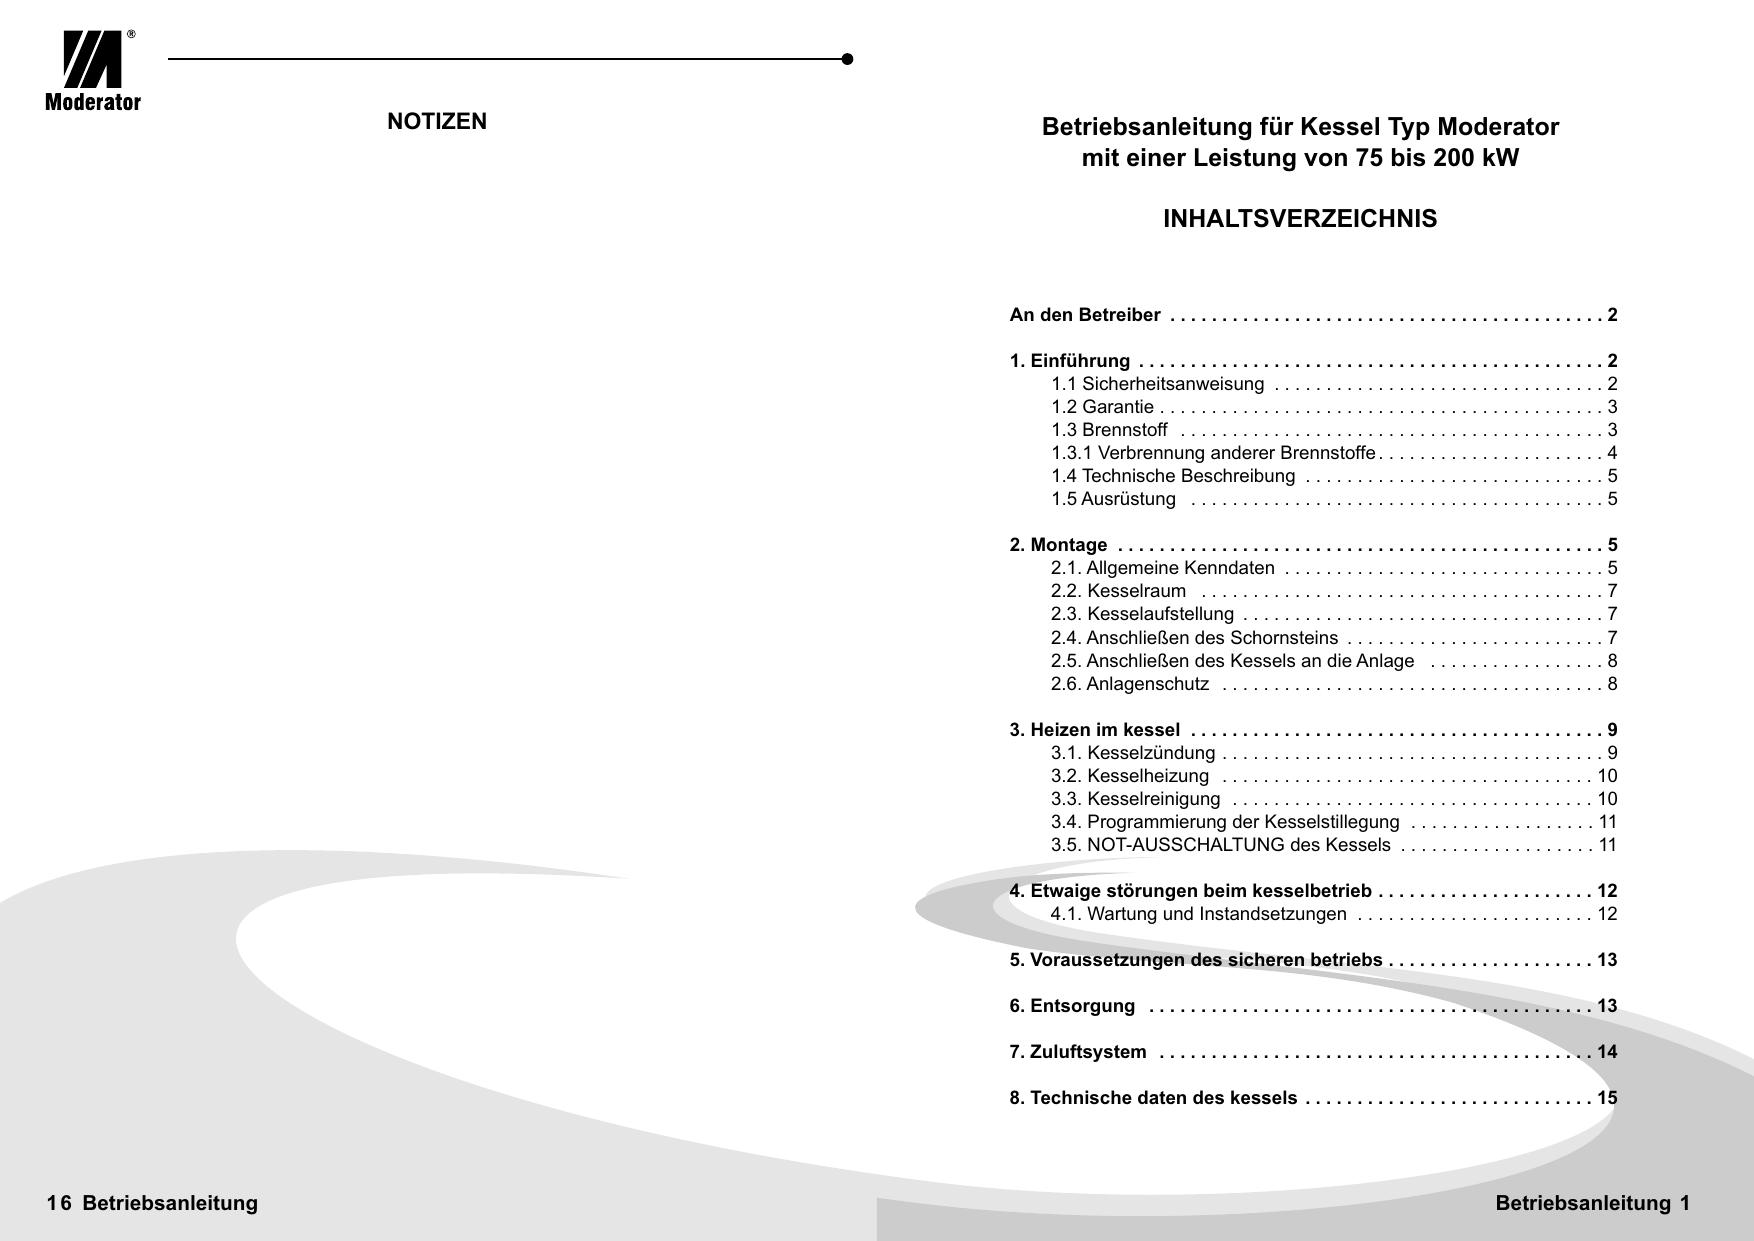 Großartig Kesselbetrieb Pdf Galerie - Elektrische Schaltplan-Ideen ...